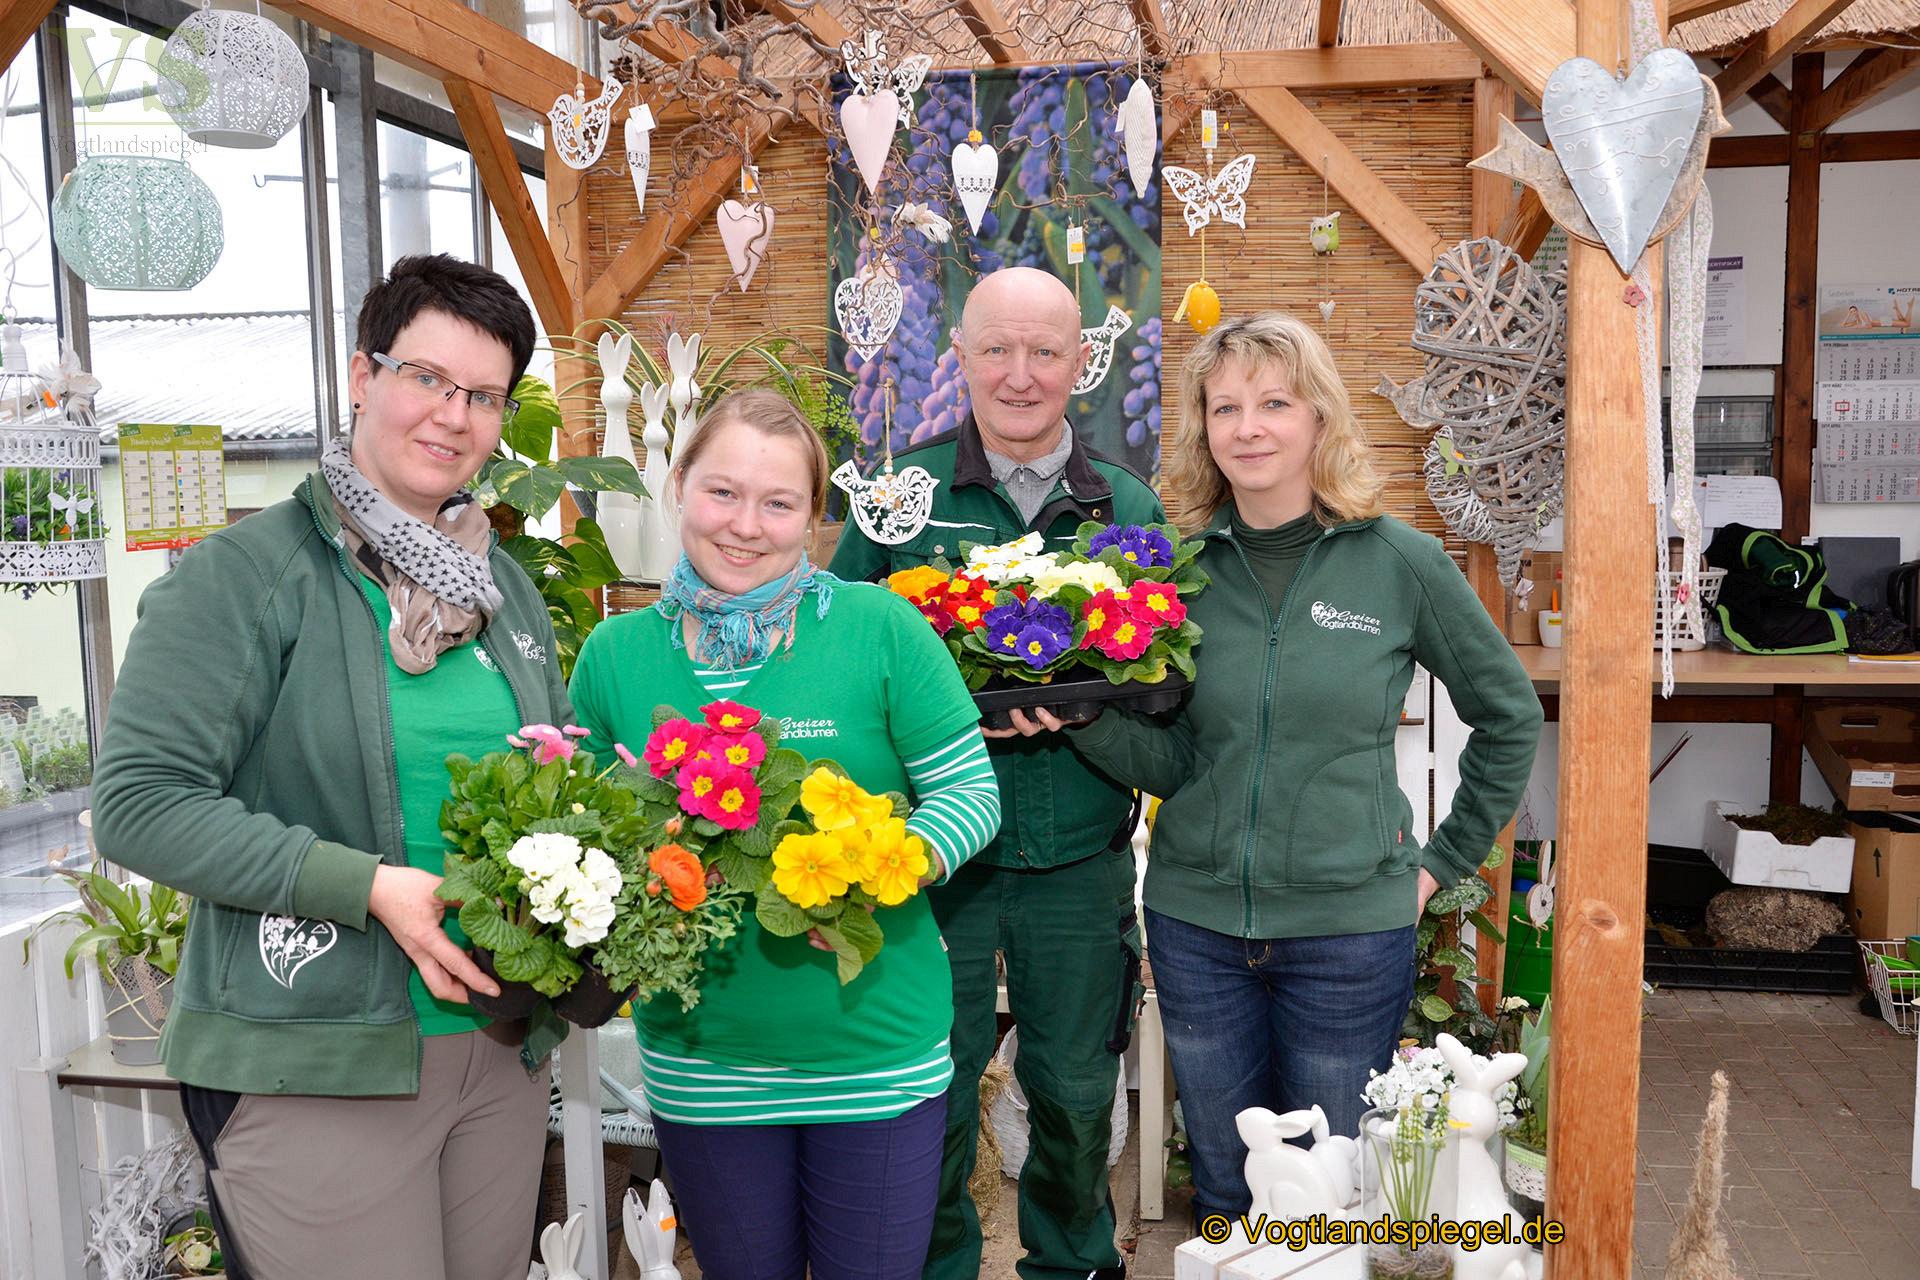 Vogtlandblumen Greiz: Den Lenz in Haus und Garten holen